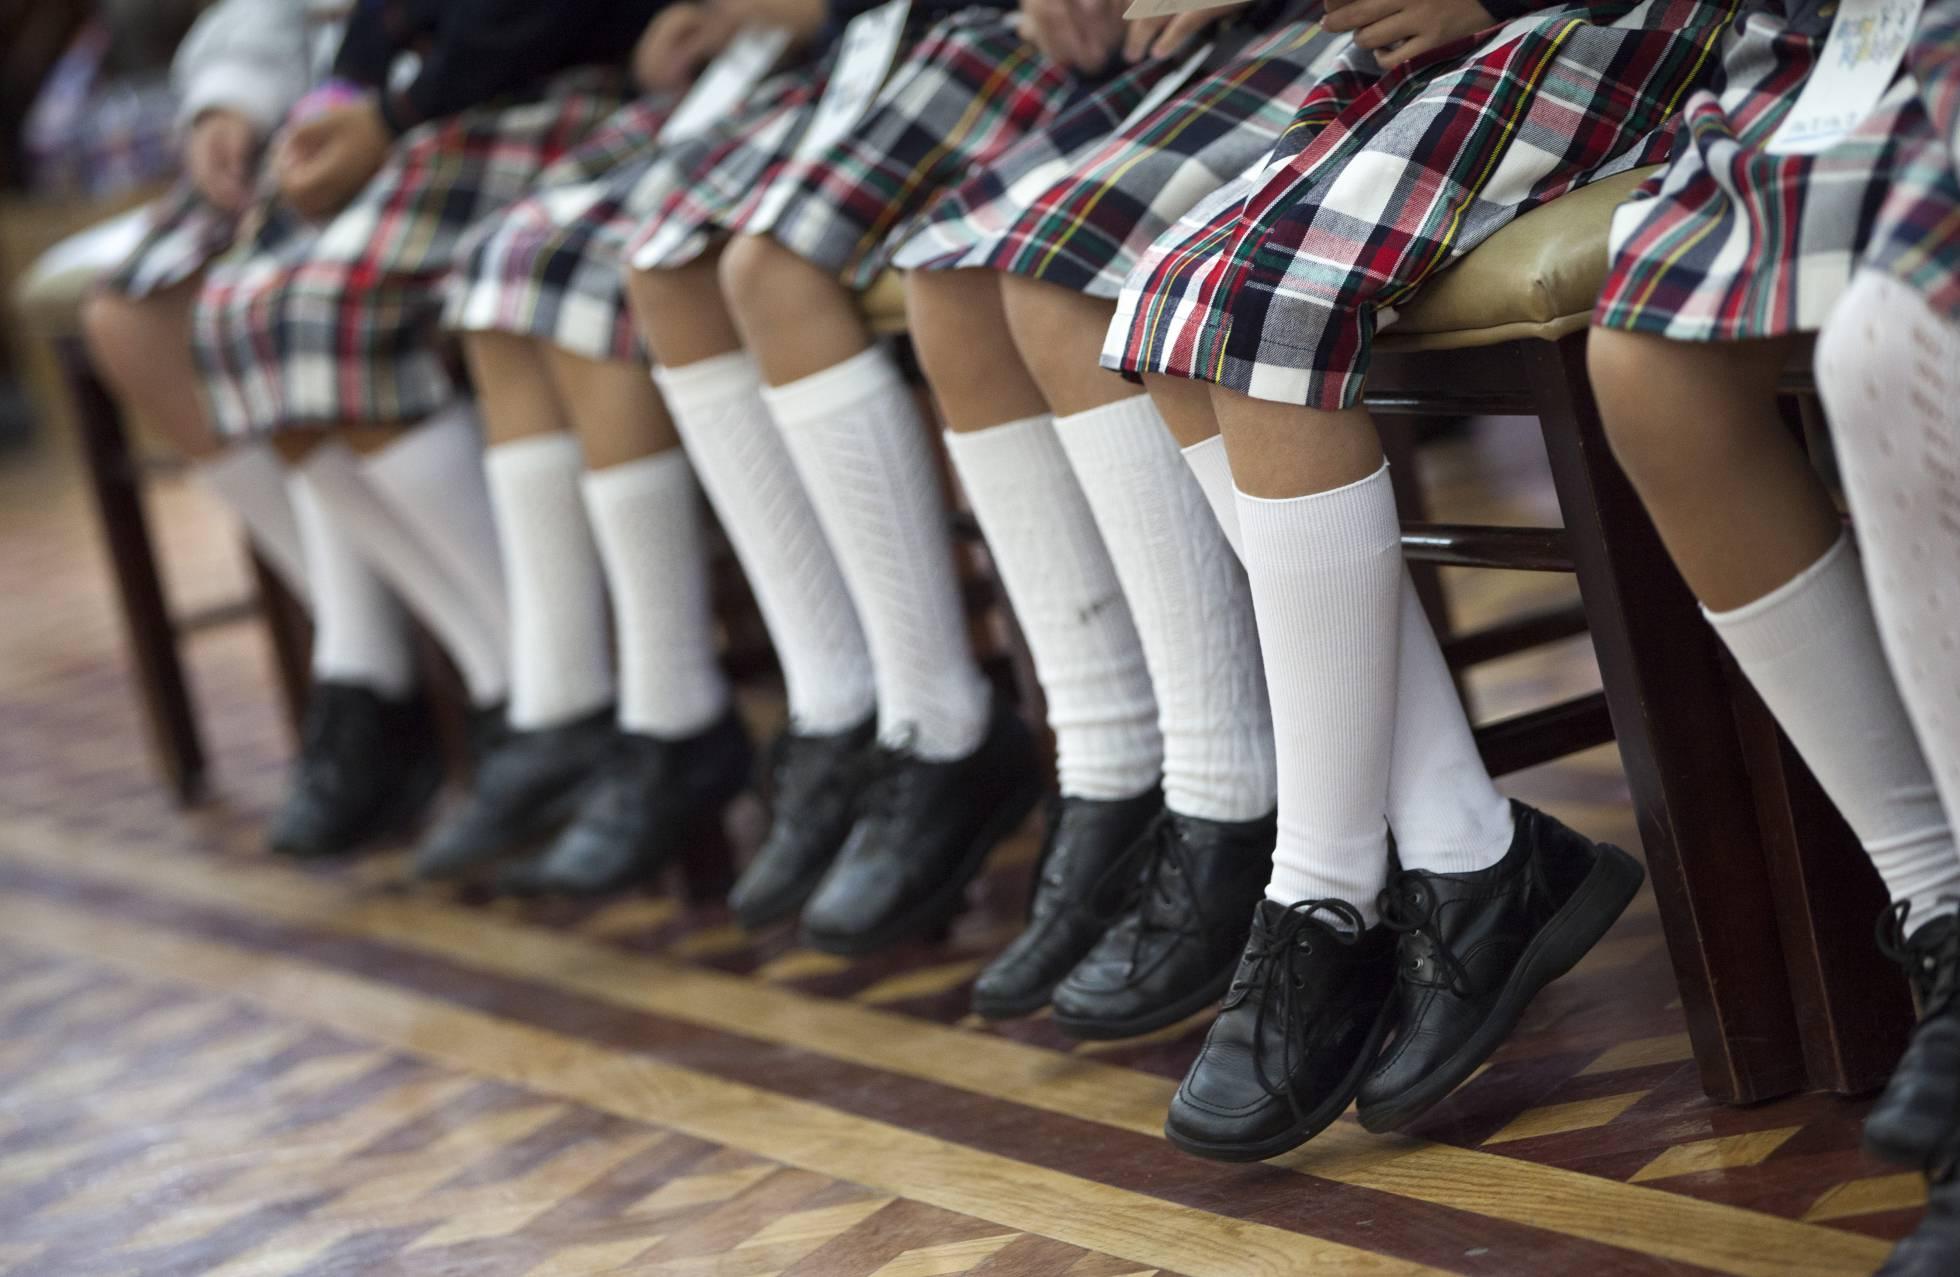 В регионах Испании могут запретить гендерную школьную форму